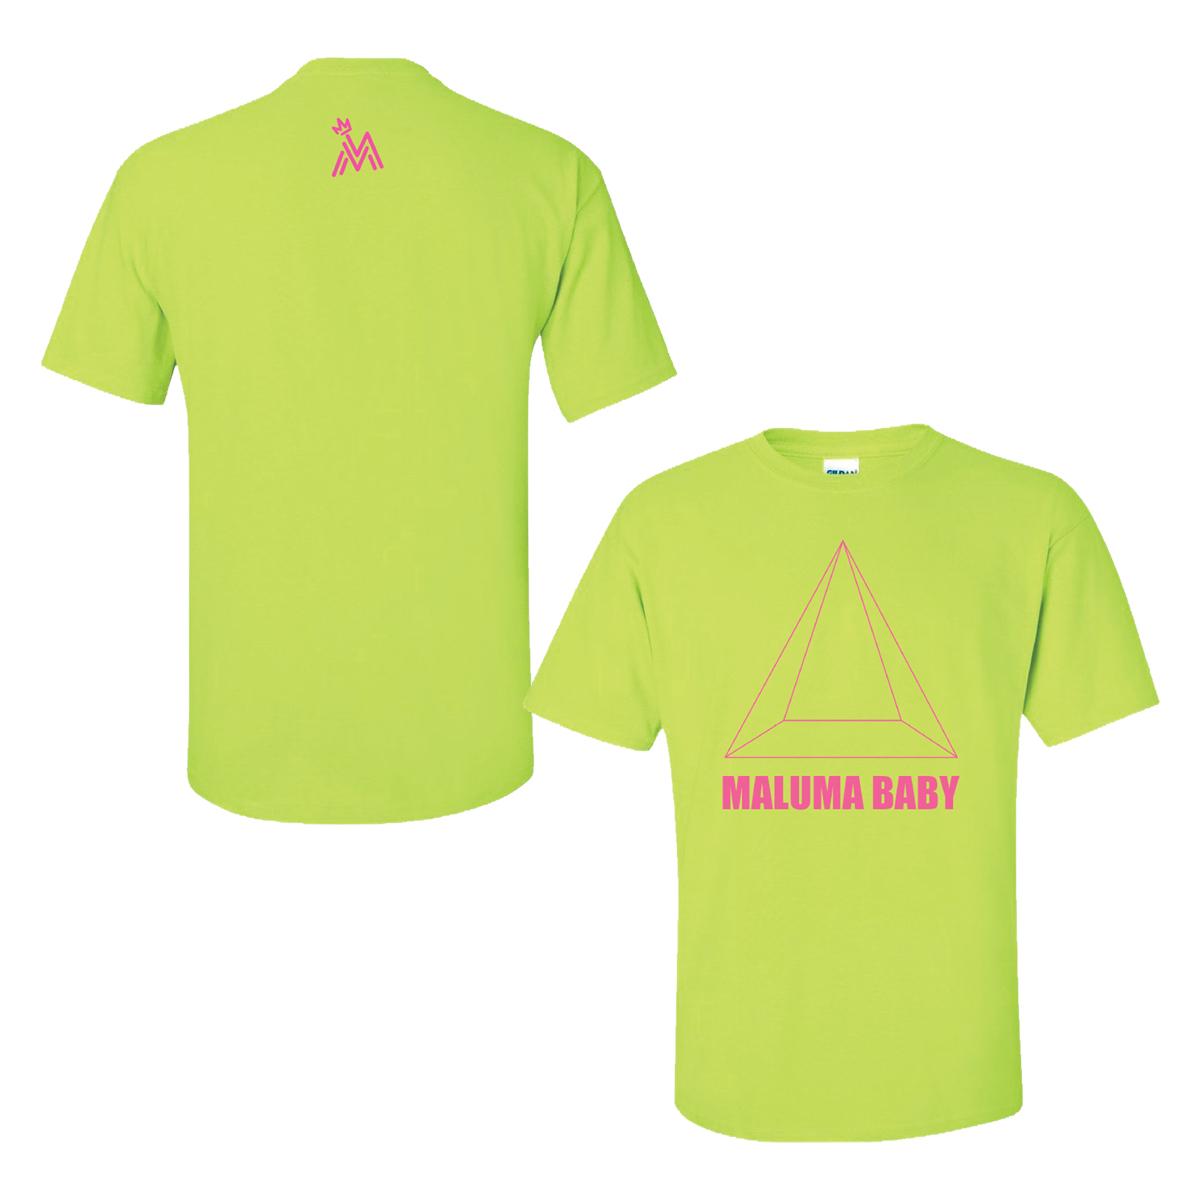 Maluma Baby Pyramid T-Shirt